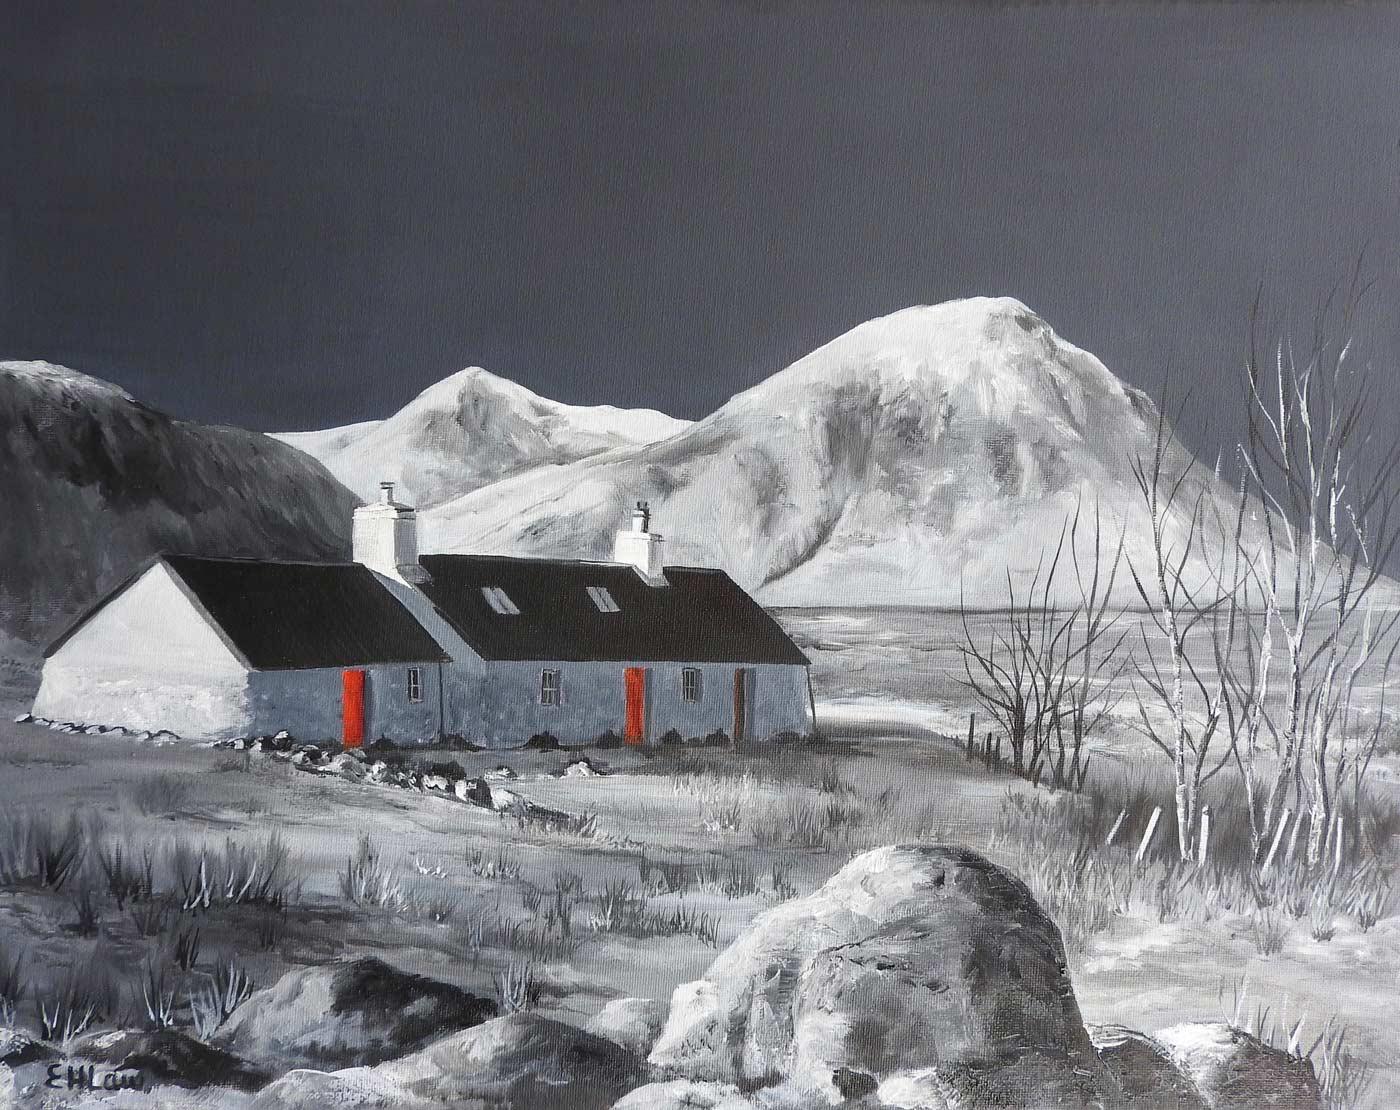 Hilary Law - Black rock cottage